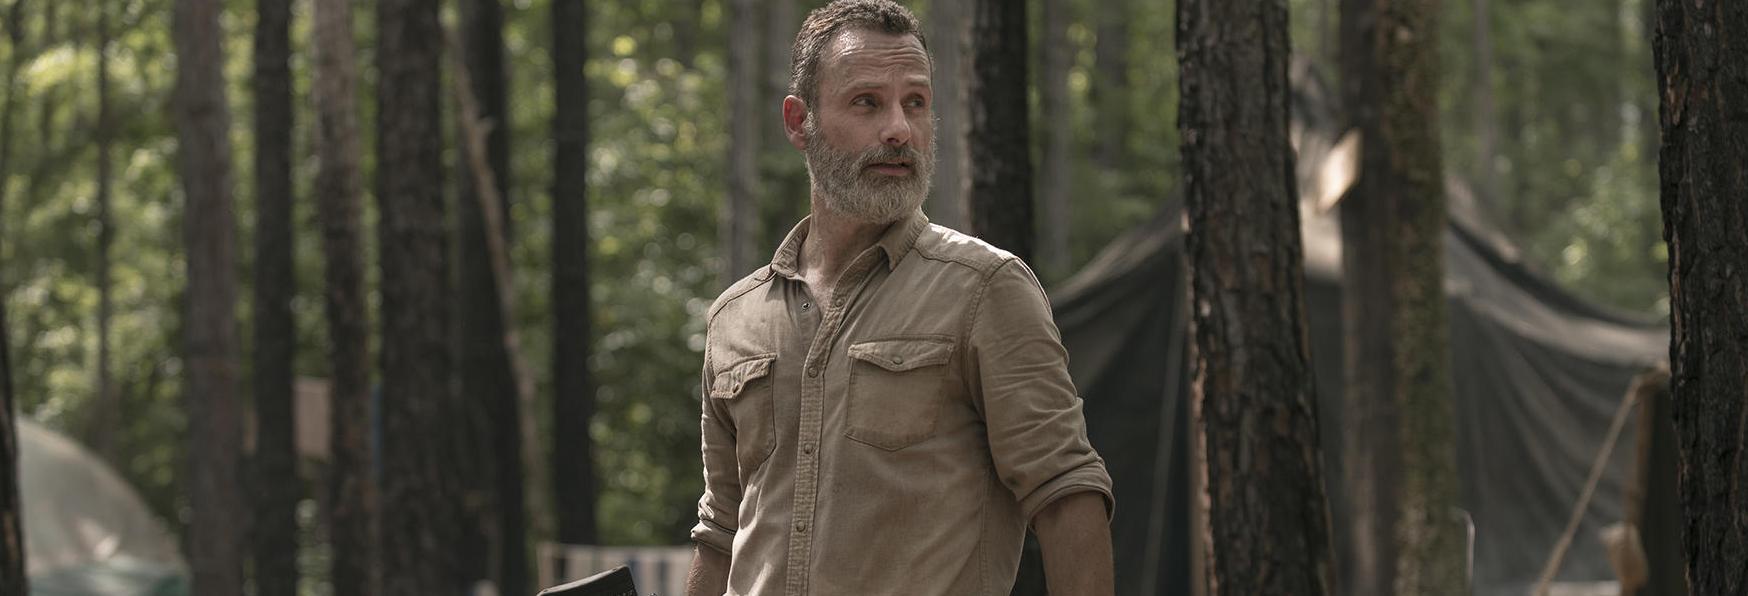 Fear the Walking Dead: promesso Maggiori Collegamenti con le Vicende di Rick Grimes